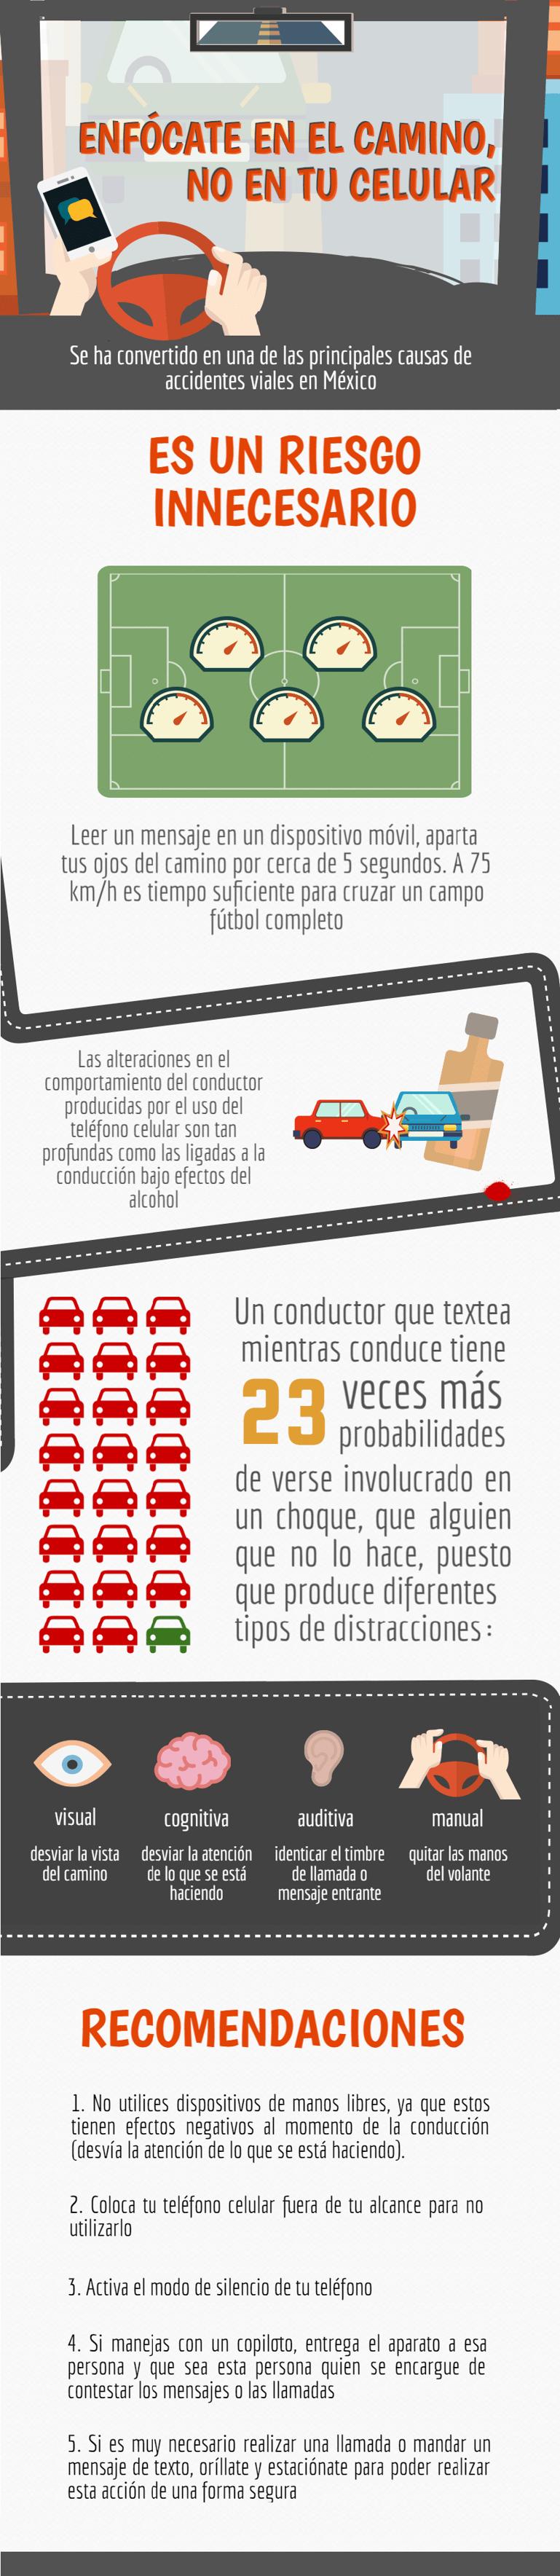 infografia-celular-accidentes.png